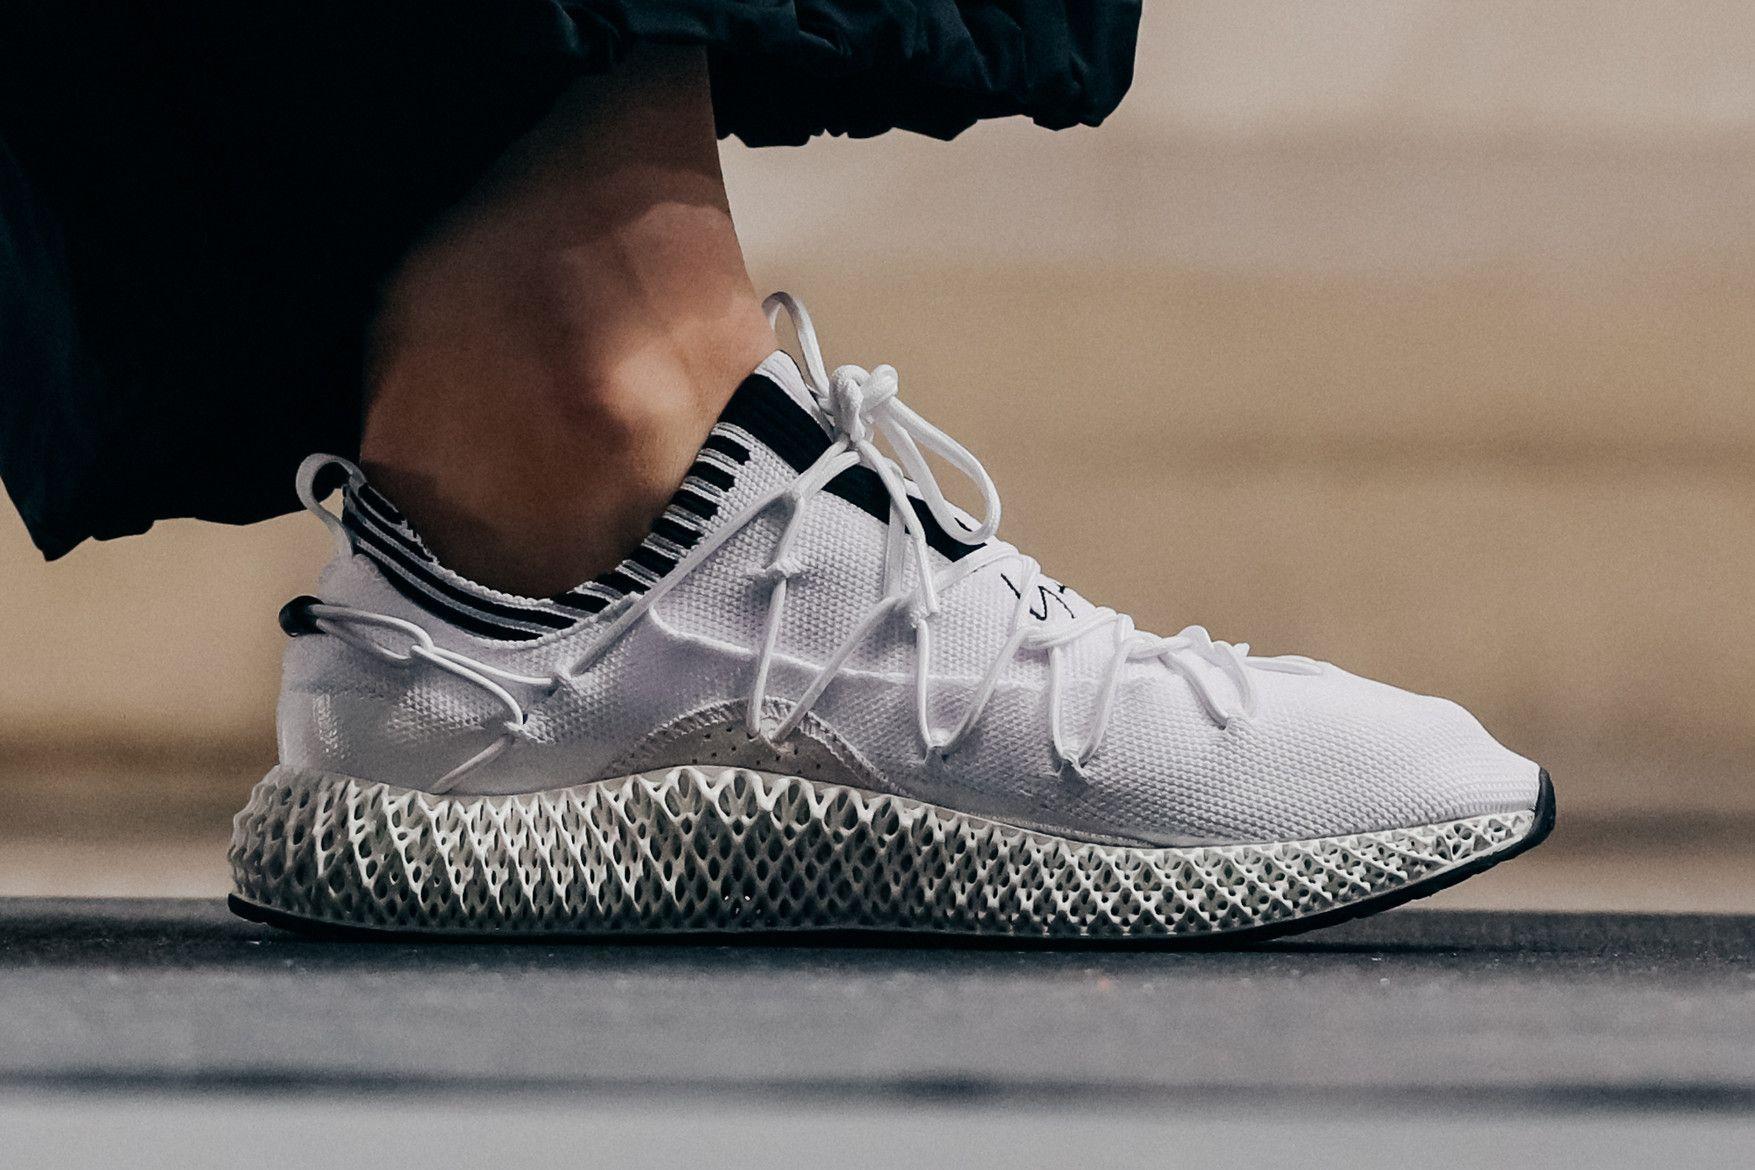 fe38aa13ae7c 搶先預覽 Y-3 2019 春夏鞋履新作 in 2019   Footwear   Adidas, Footwear ...